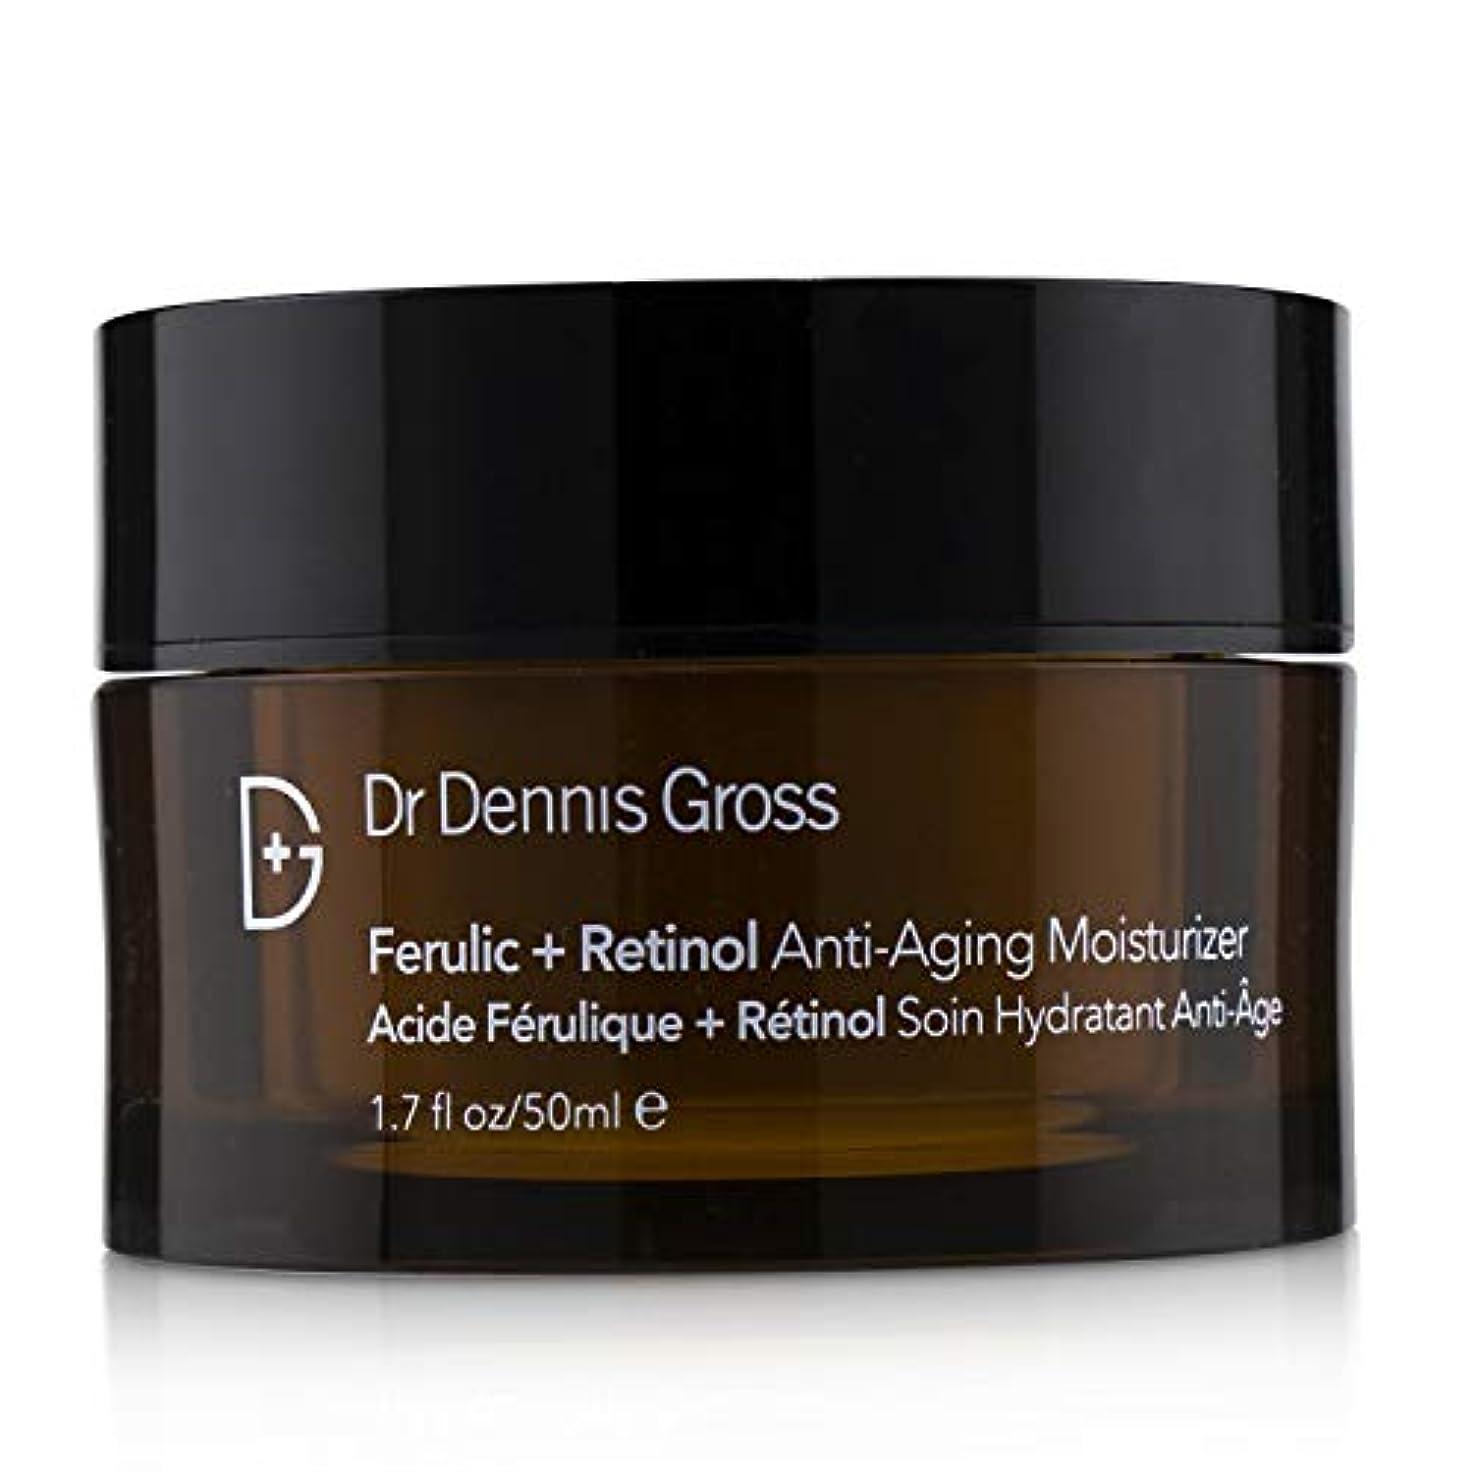 津波豪華な上記の頭と肩ドクターデニスグロス Ferulic + Retinol Anti-Aging Moisturizer - Salon Product 50ml/1.7oz並行輸入品